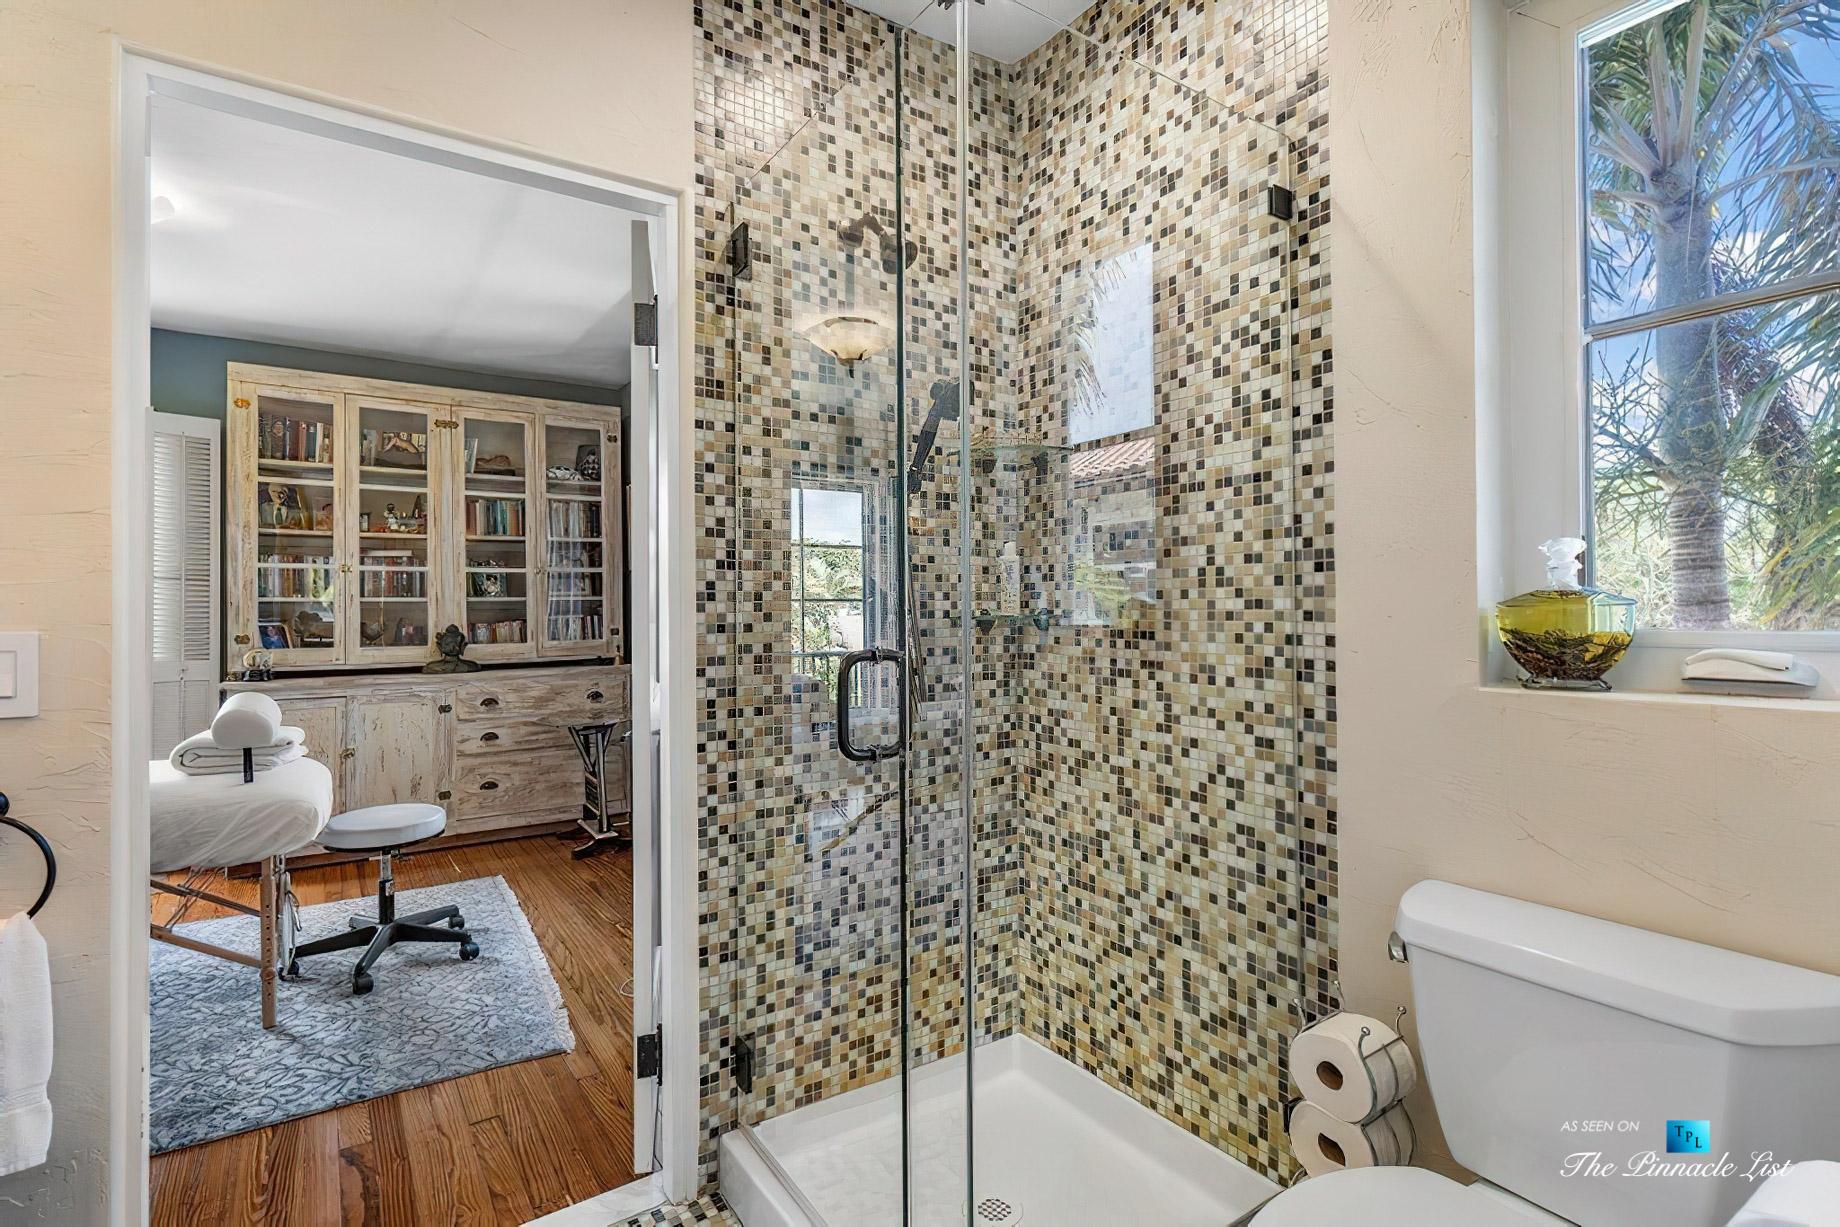 888 Oleander St, Boca Raton, FL, USA - Luxury Real Estate - Old Floresta Estate Home - Massage Room Shower